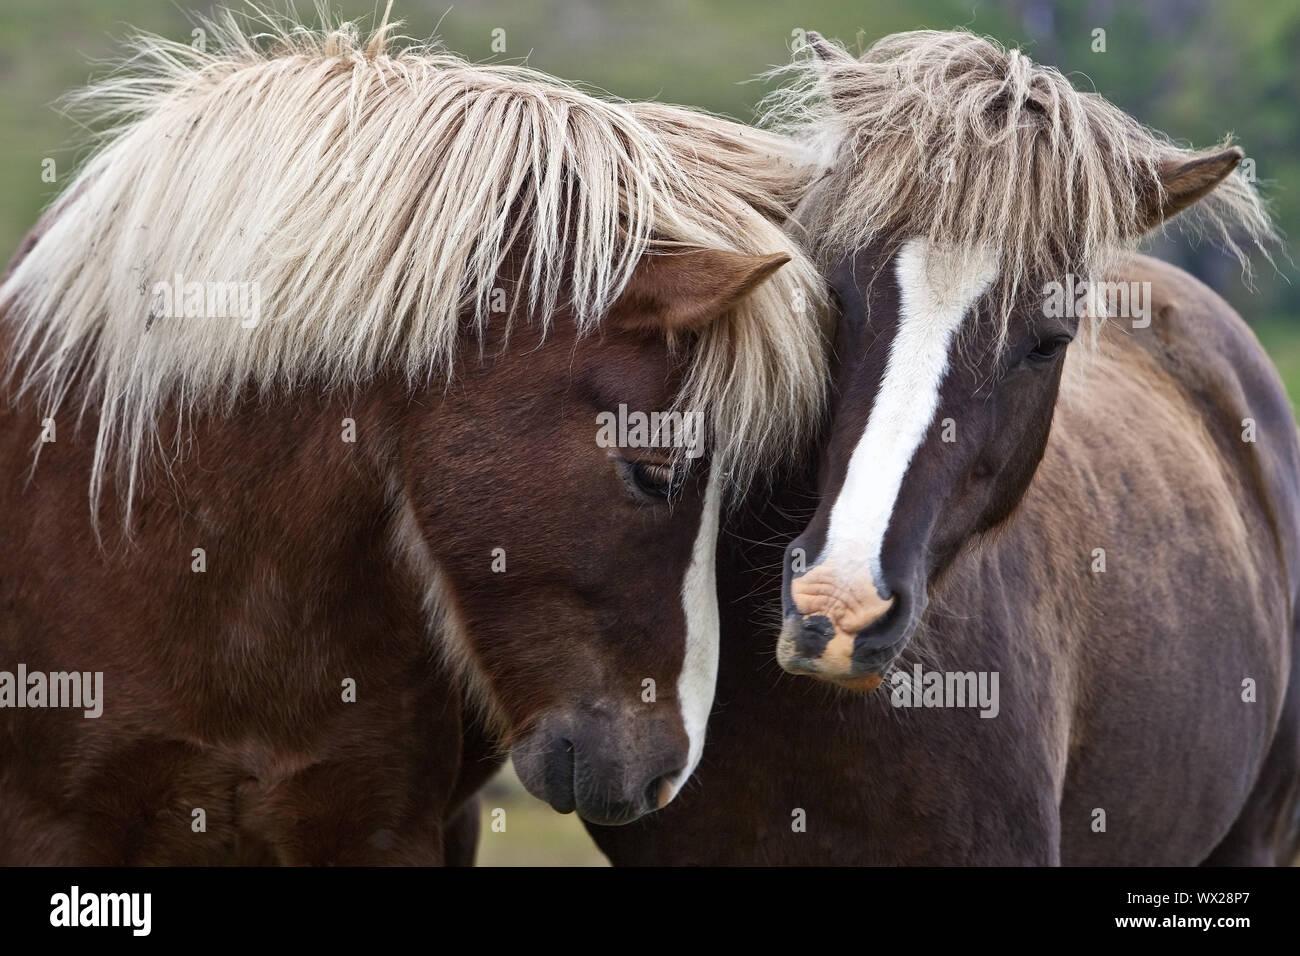 Islandic horse (Equus ferus caballus), two Icelandic horses standing togeher, portrait, Iceland Stock Photo